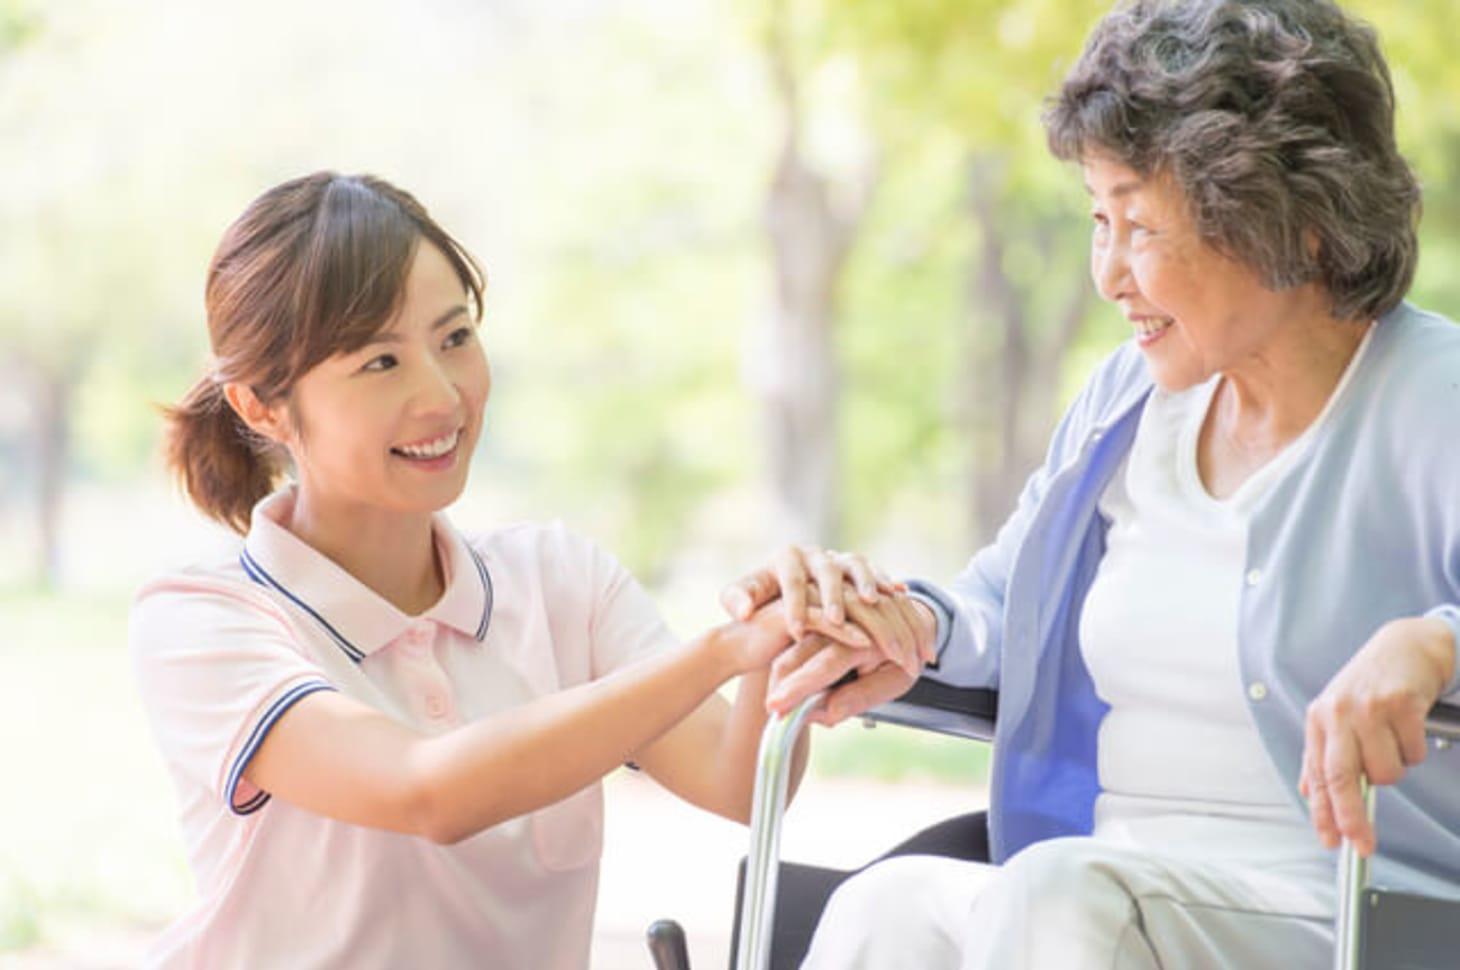 小規模多機能型居宅介護では、どんな職種が働いているの?